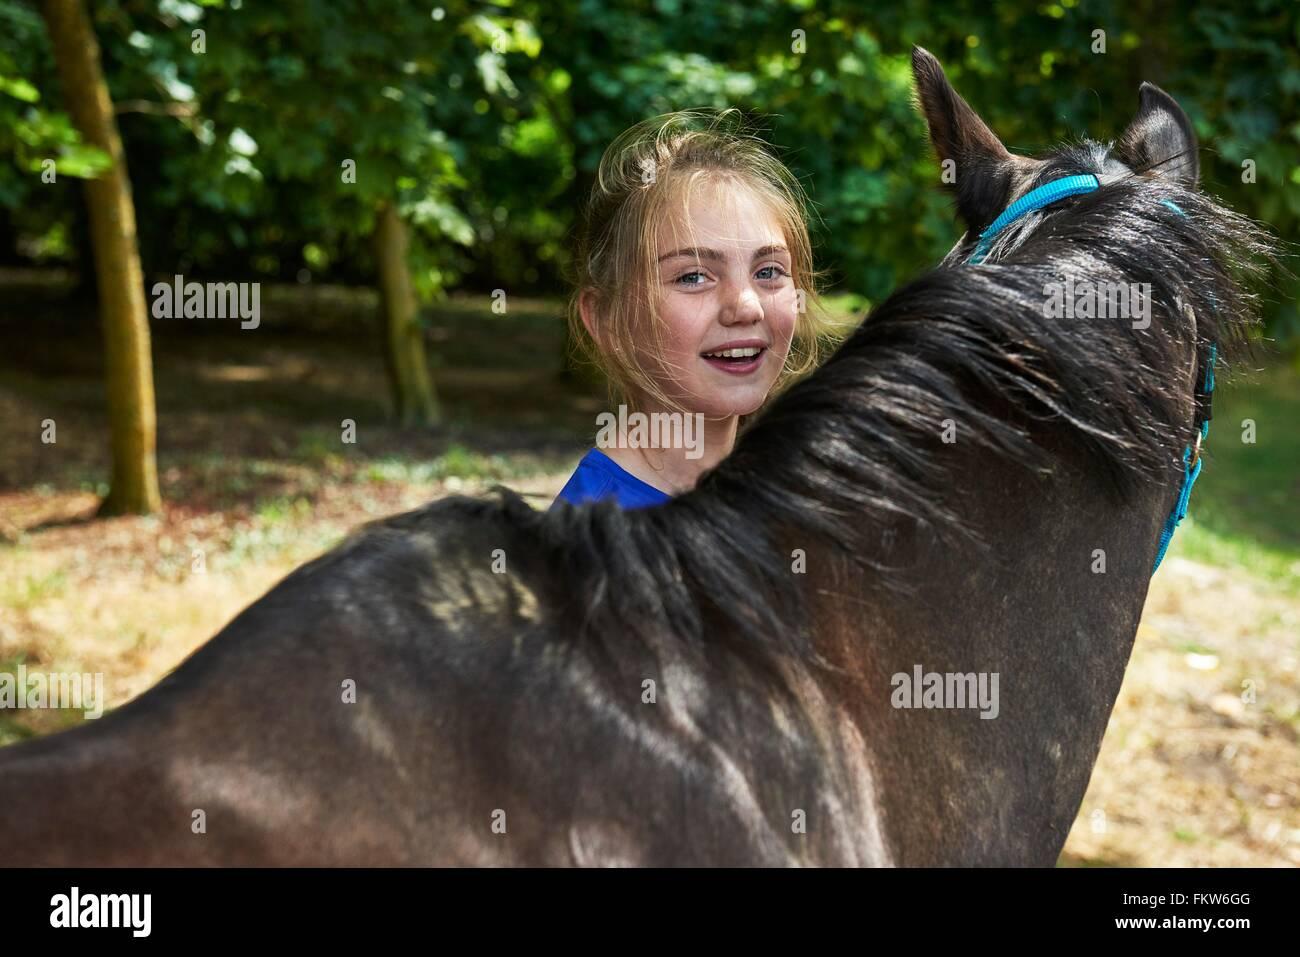 Kopf und Schultern des Mädchens mit Blick auf die Kamera zu Lächeln Pferd Stockbild